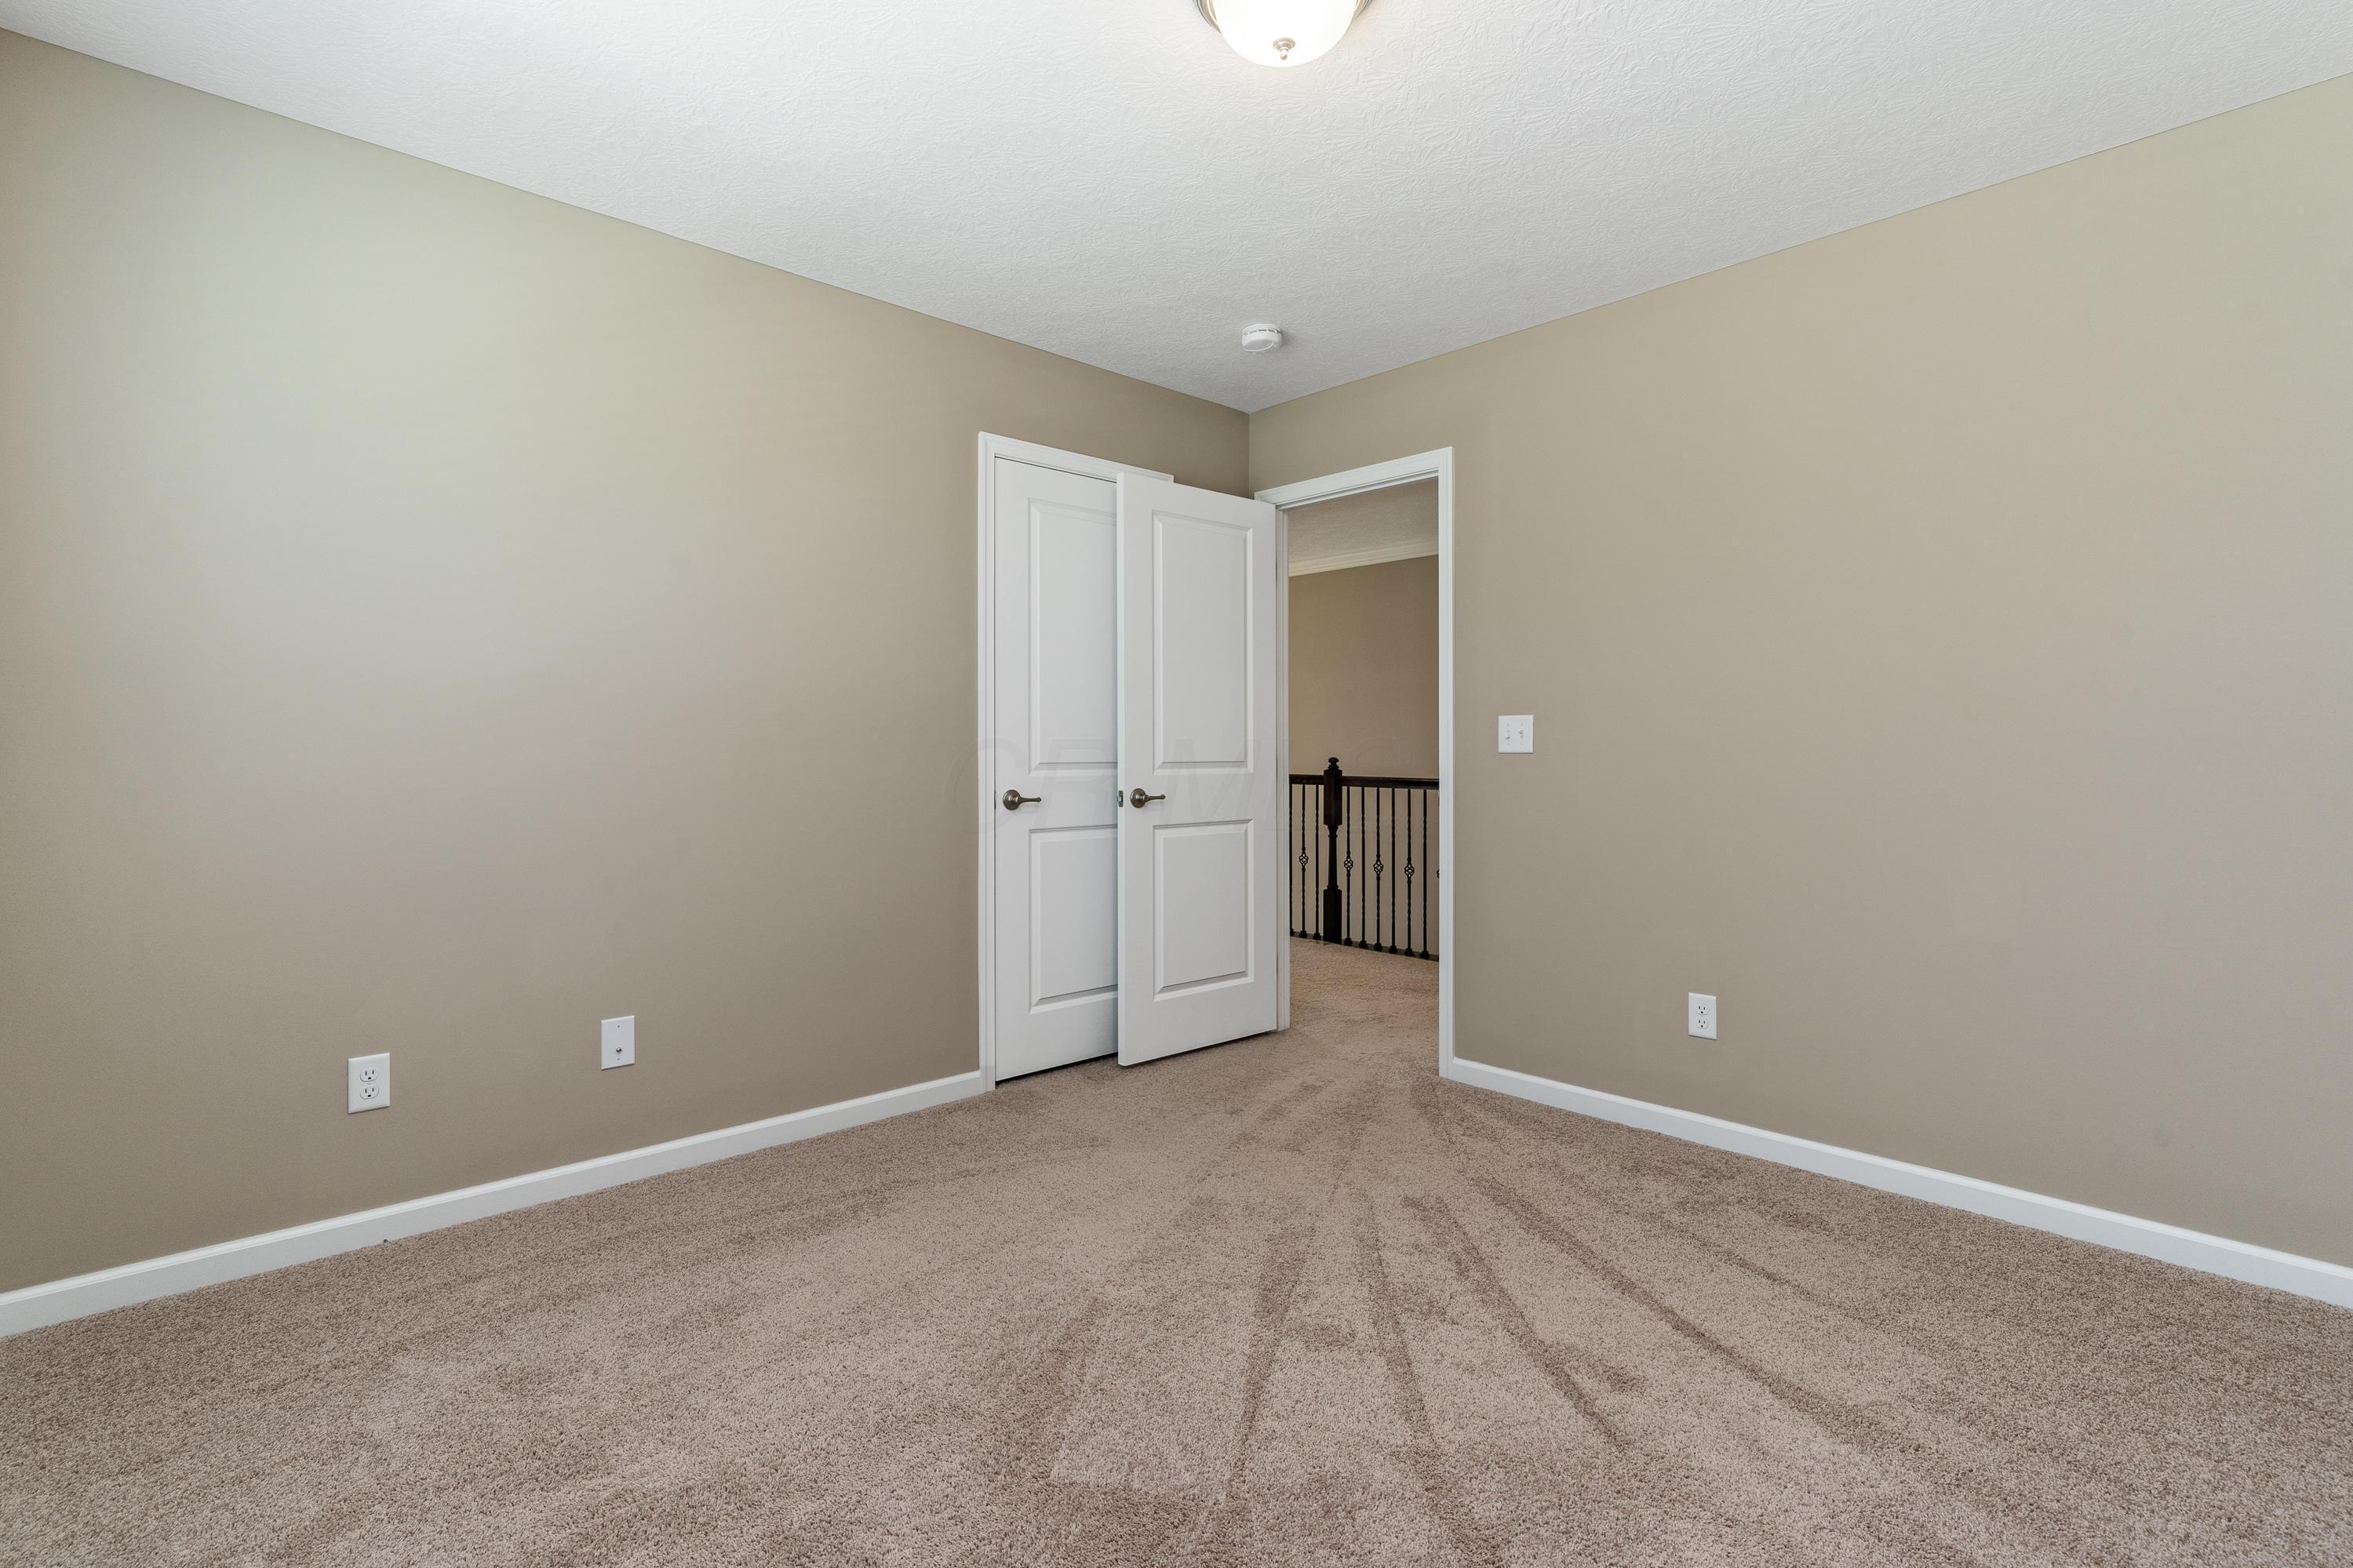 7700 Scioto Crossing Boulevard, Dublin, Ohio 43016, 3 Bedrooms Bedrooms, ,4 BathroomsBathrooms,Residential,For Sale,Scioto Crossing,220020616